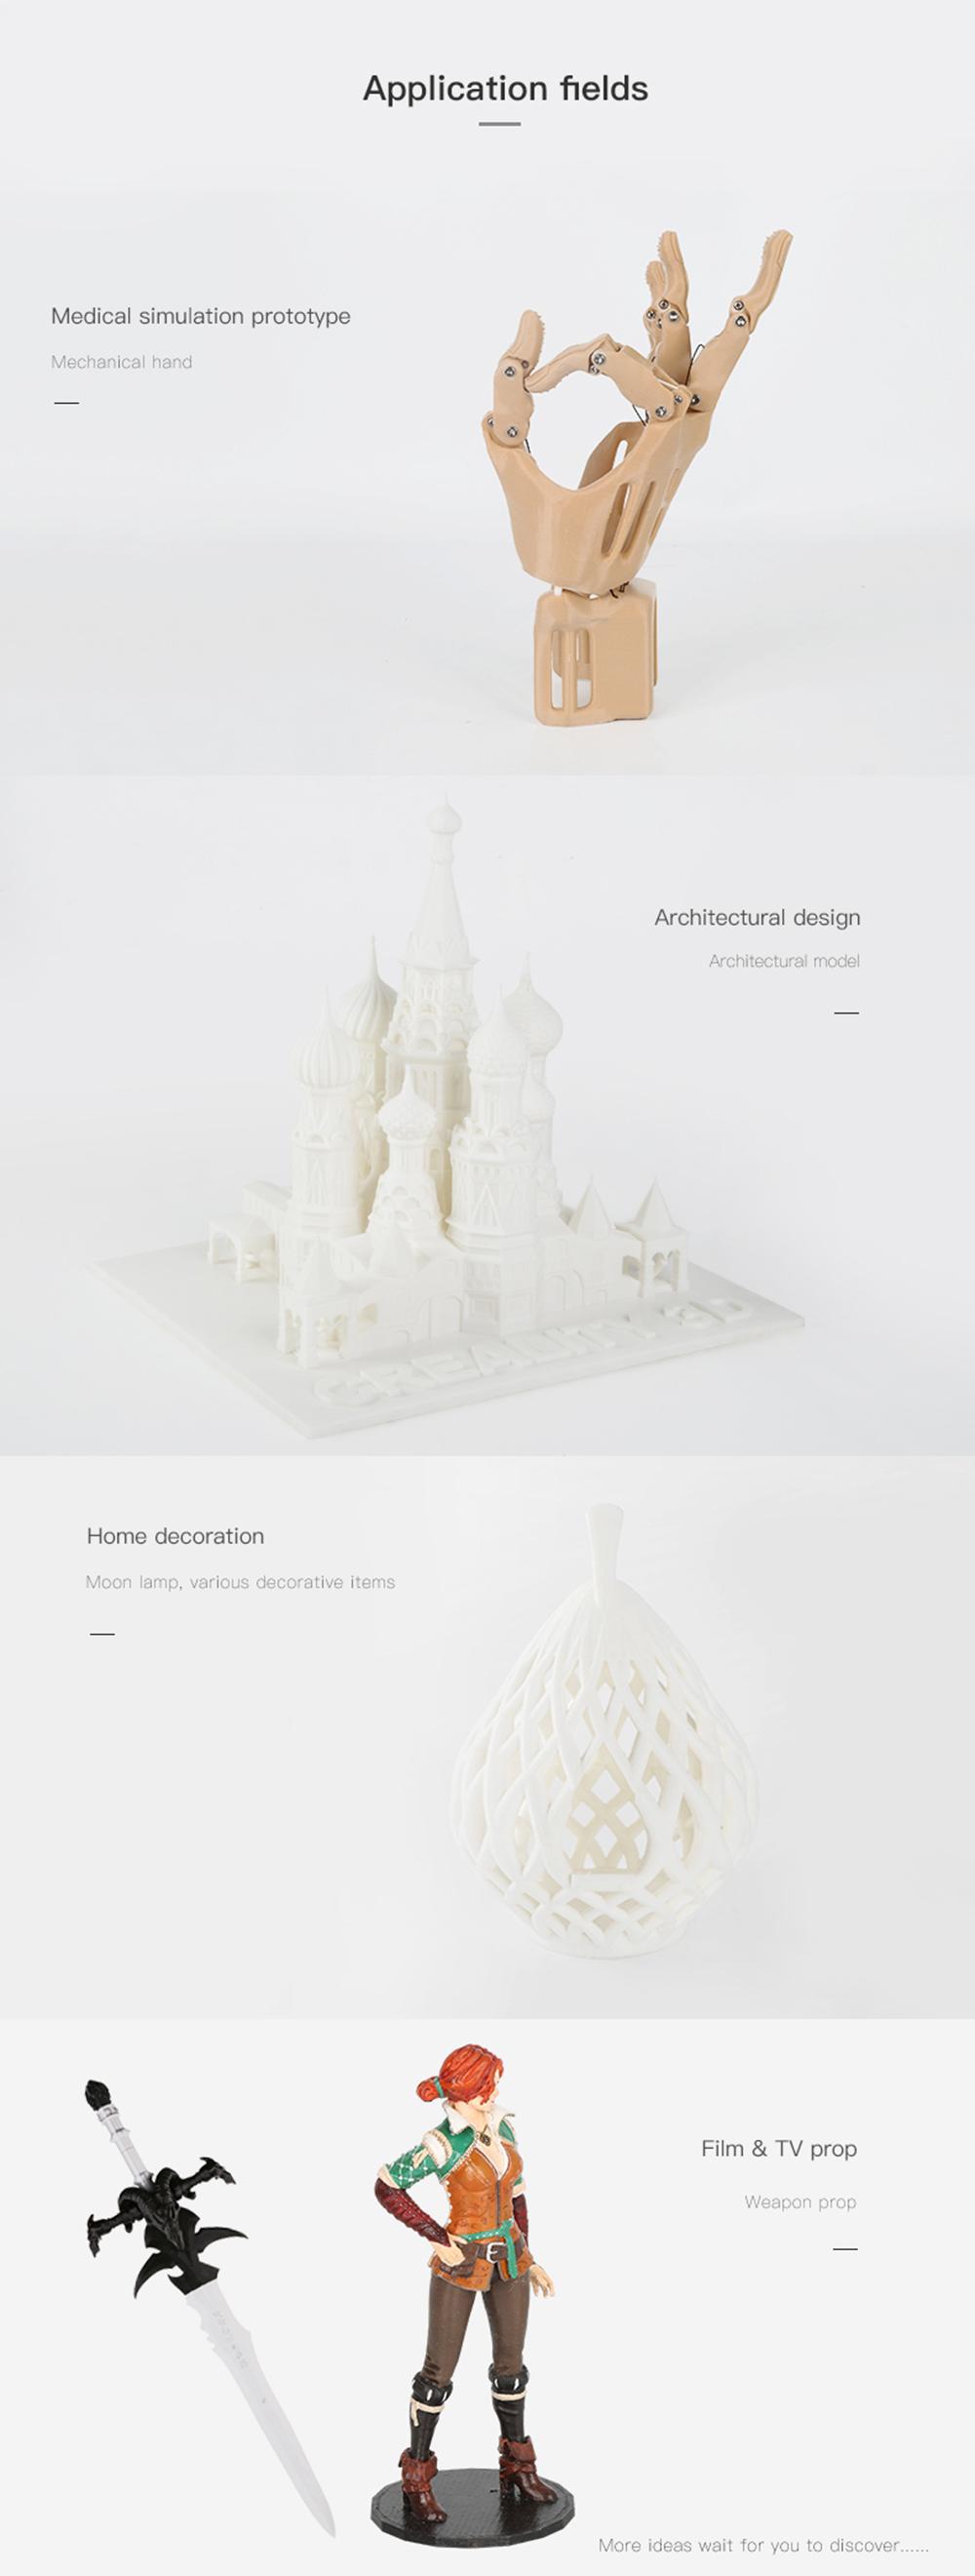 Creality3D CR-10 Max 3D-Drucker Bausatz - 450x450x470mm - Anwendungsbeispiele